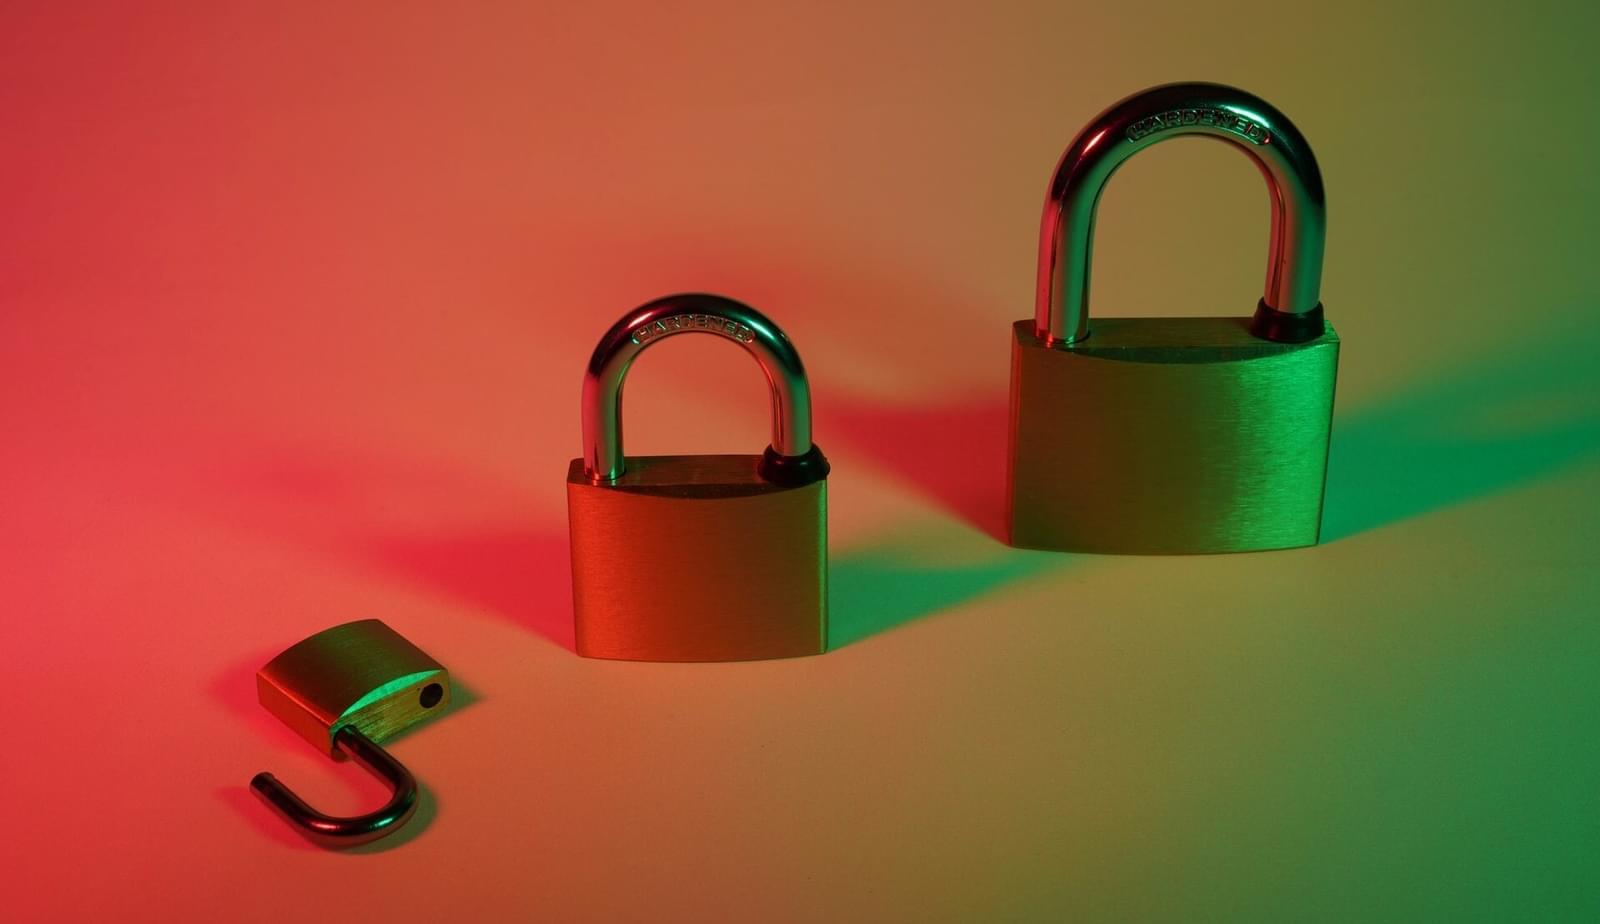 three padlocks on background